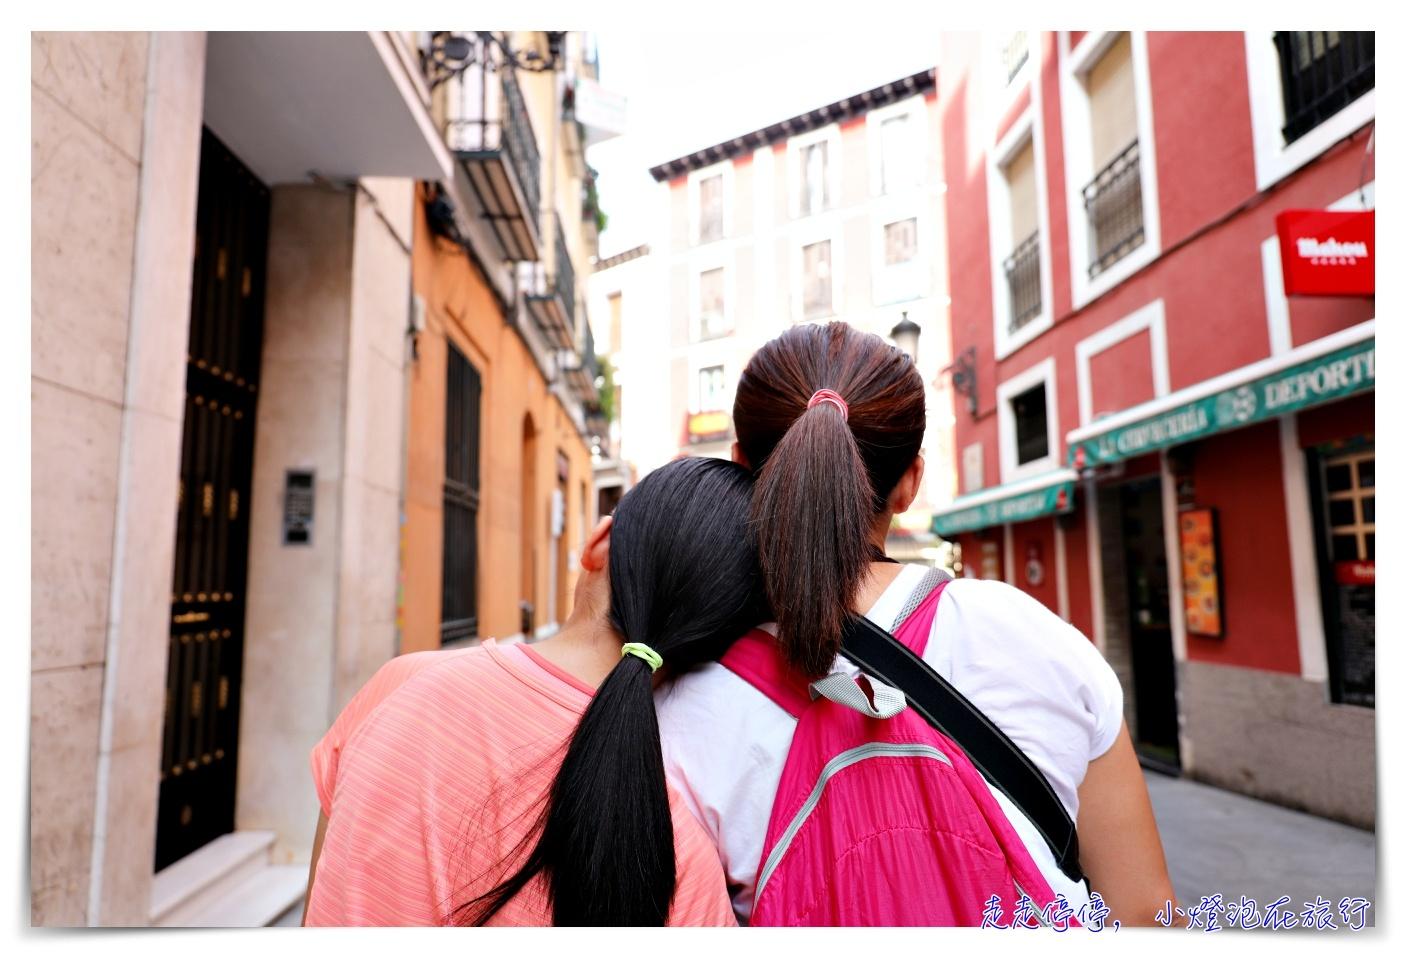 西班牙朝聖之路。旅思|迷戀朝聖、迷戀這一條道路的點滴、也迷戀面對自己的澄澈~